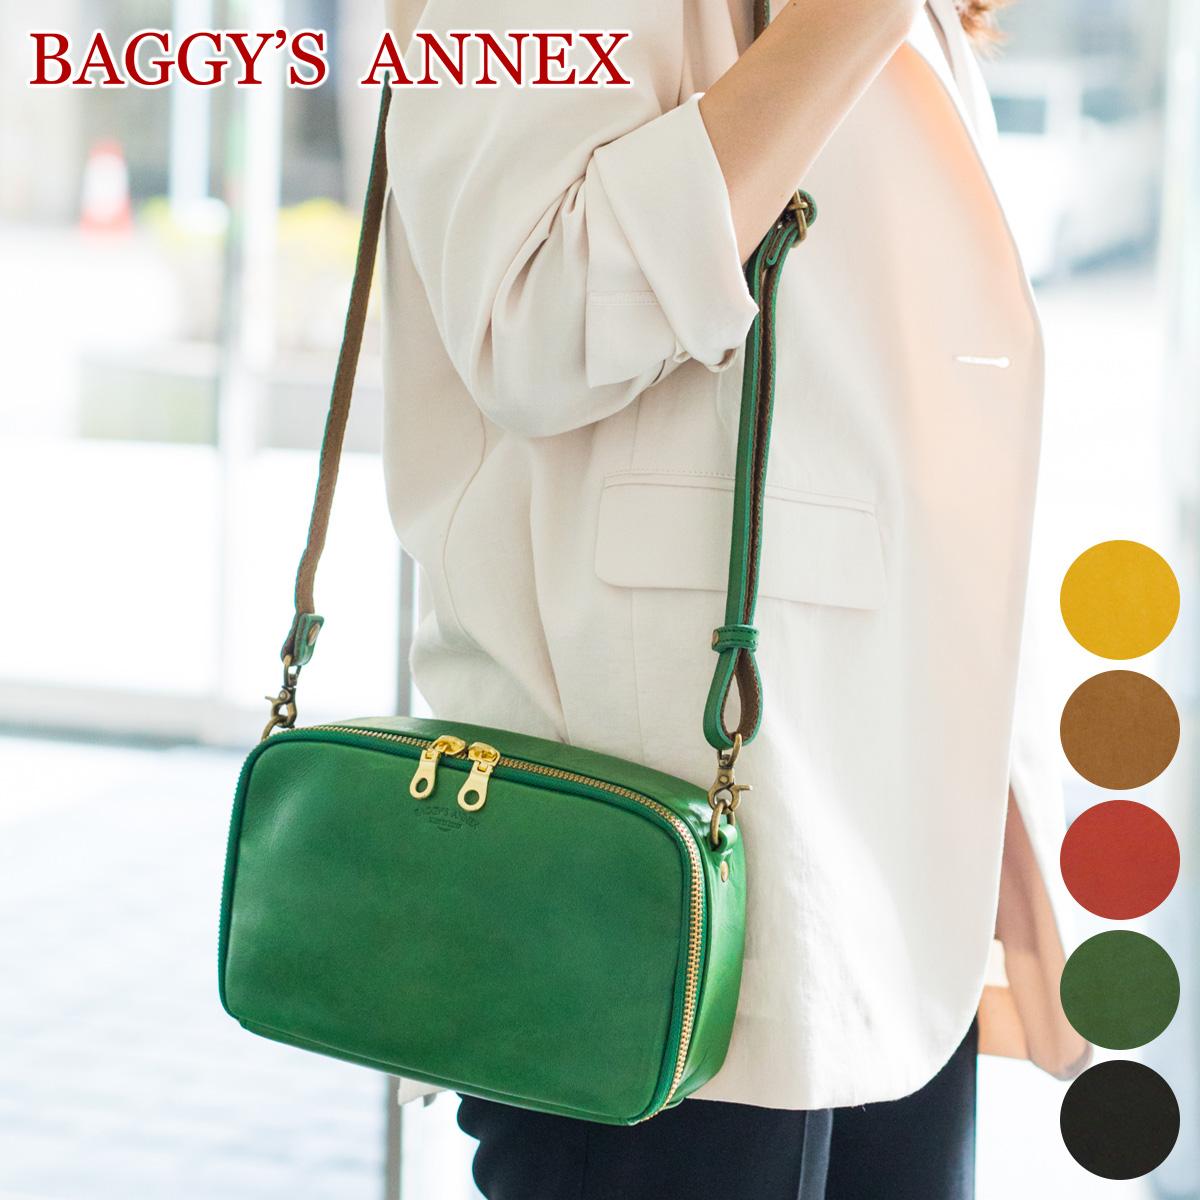 【選べるかわいいノベルティ付】 [ 2018年 新作 ] BAGGY'S ANNEX バギーズアネックス バッグWオイル ミニショルダーバッグ LGRN-2000レディース BAGGY PORT バギーポート 日本製 ギフト プレゼント